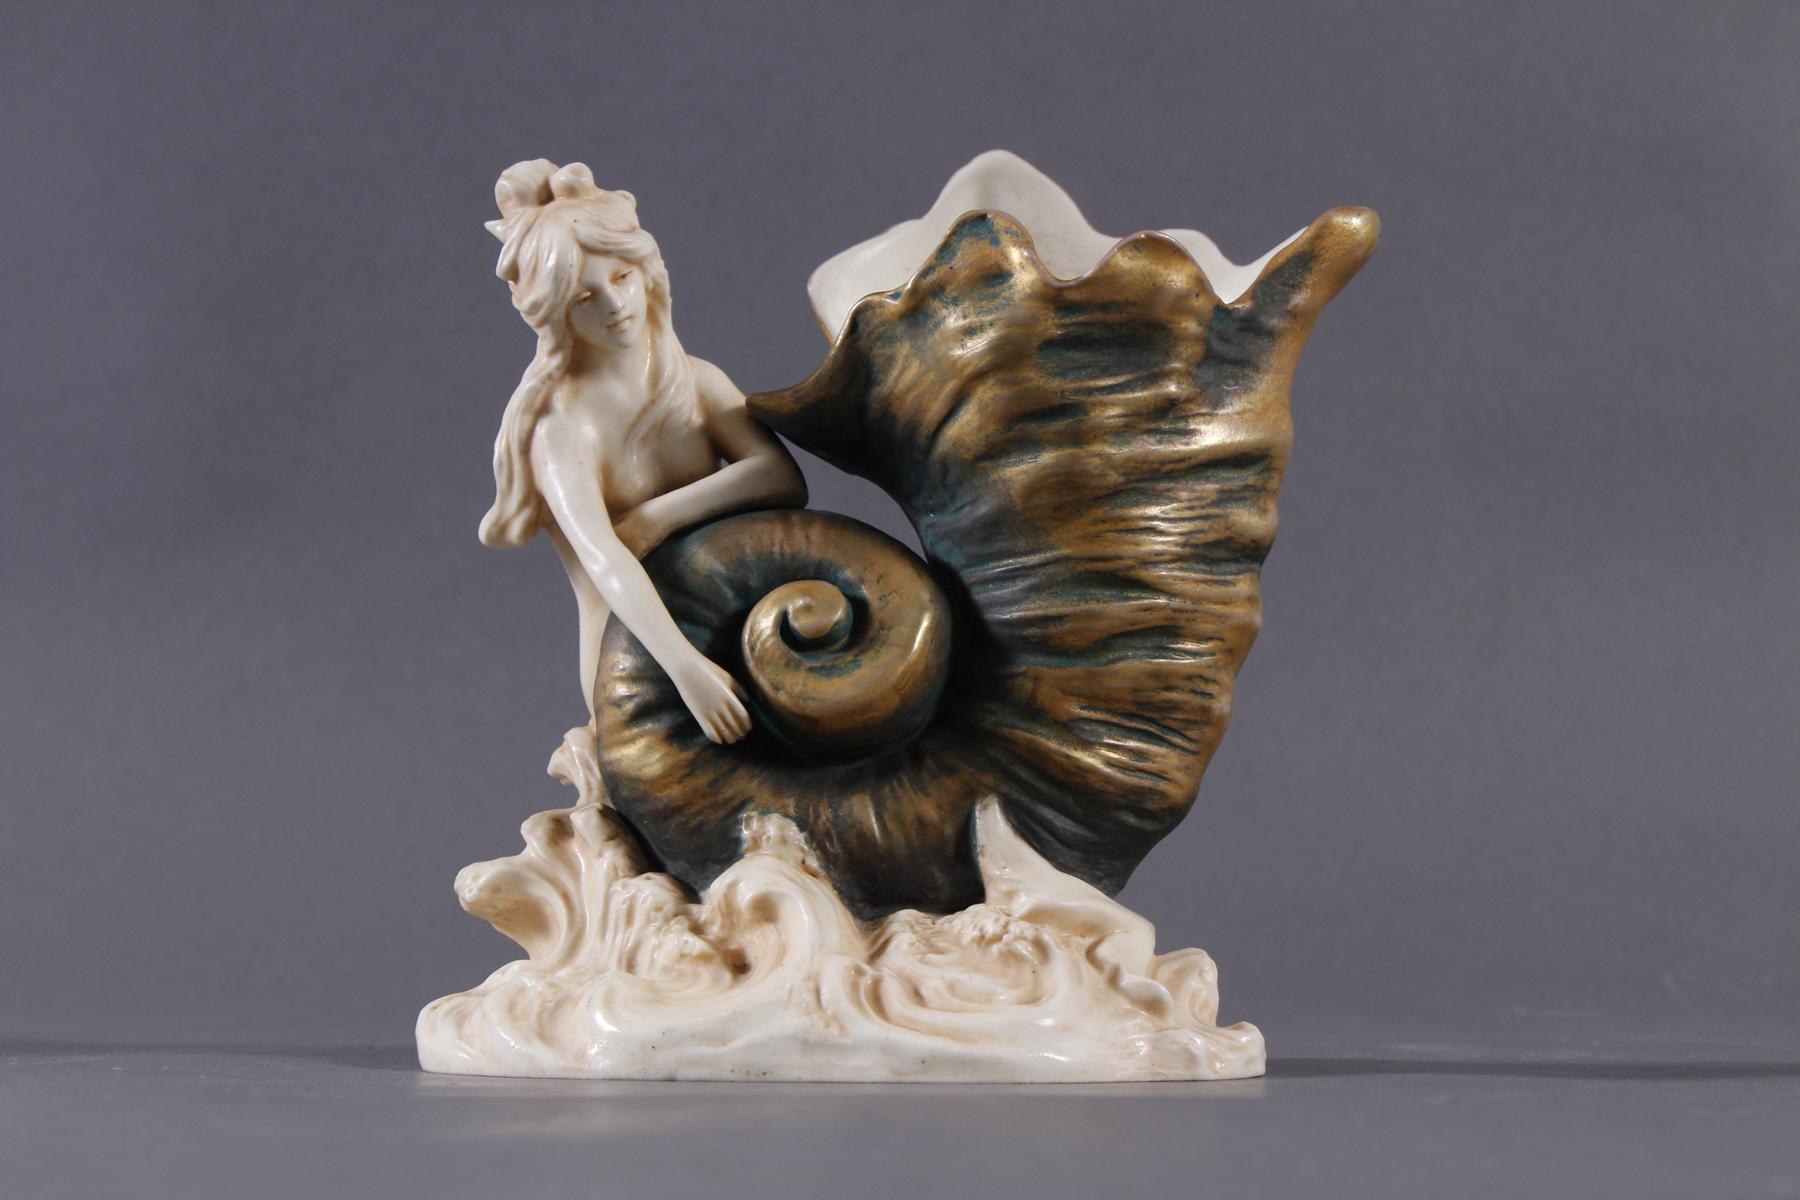 Porzellanfigurenvase, Jugendstil